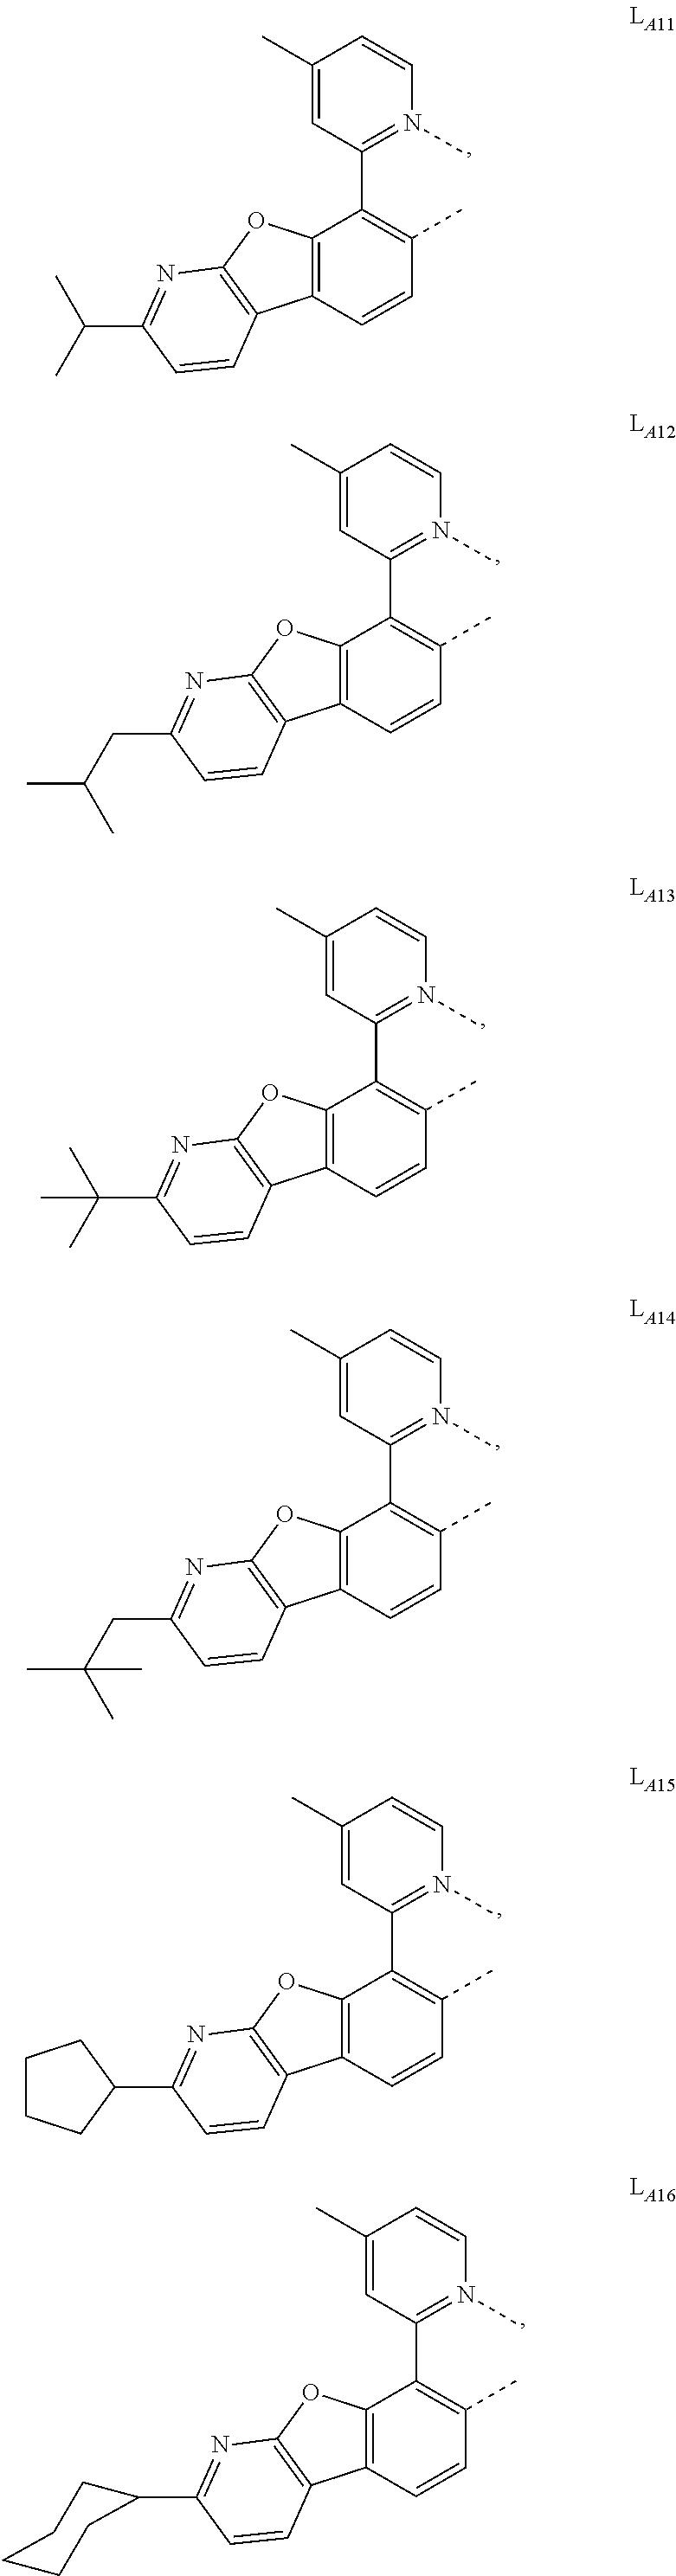 Figure US10043987-20180807-C00010